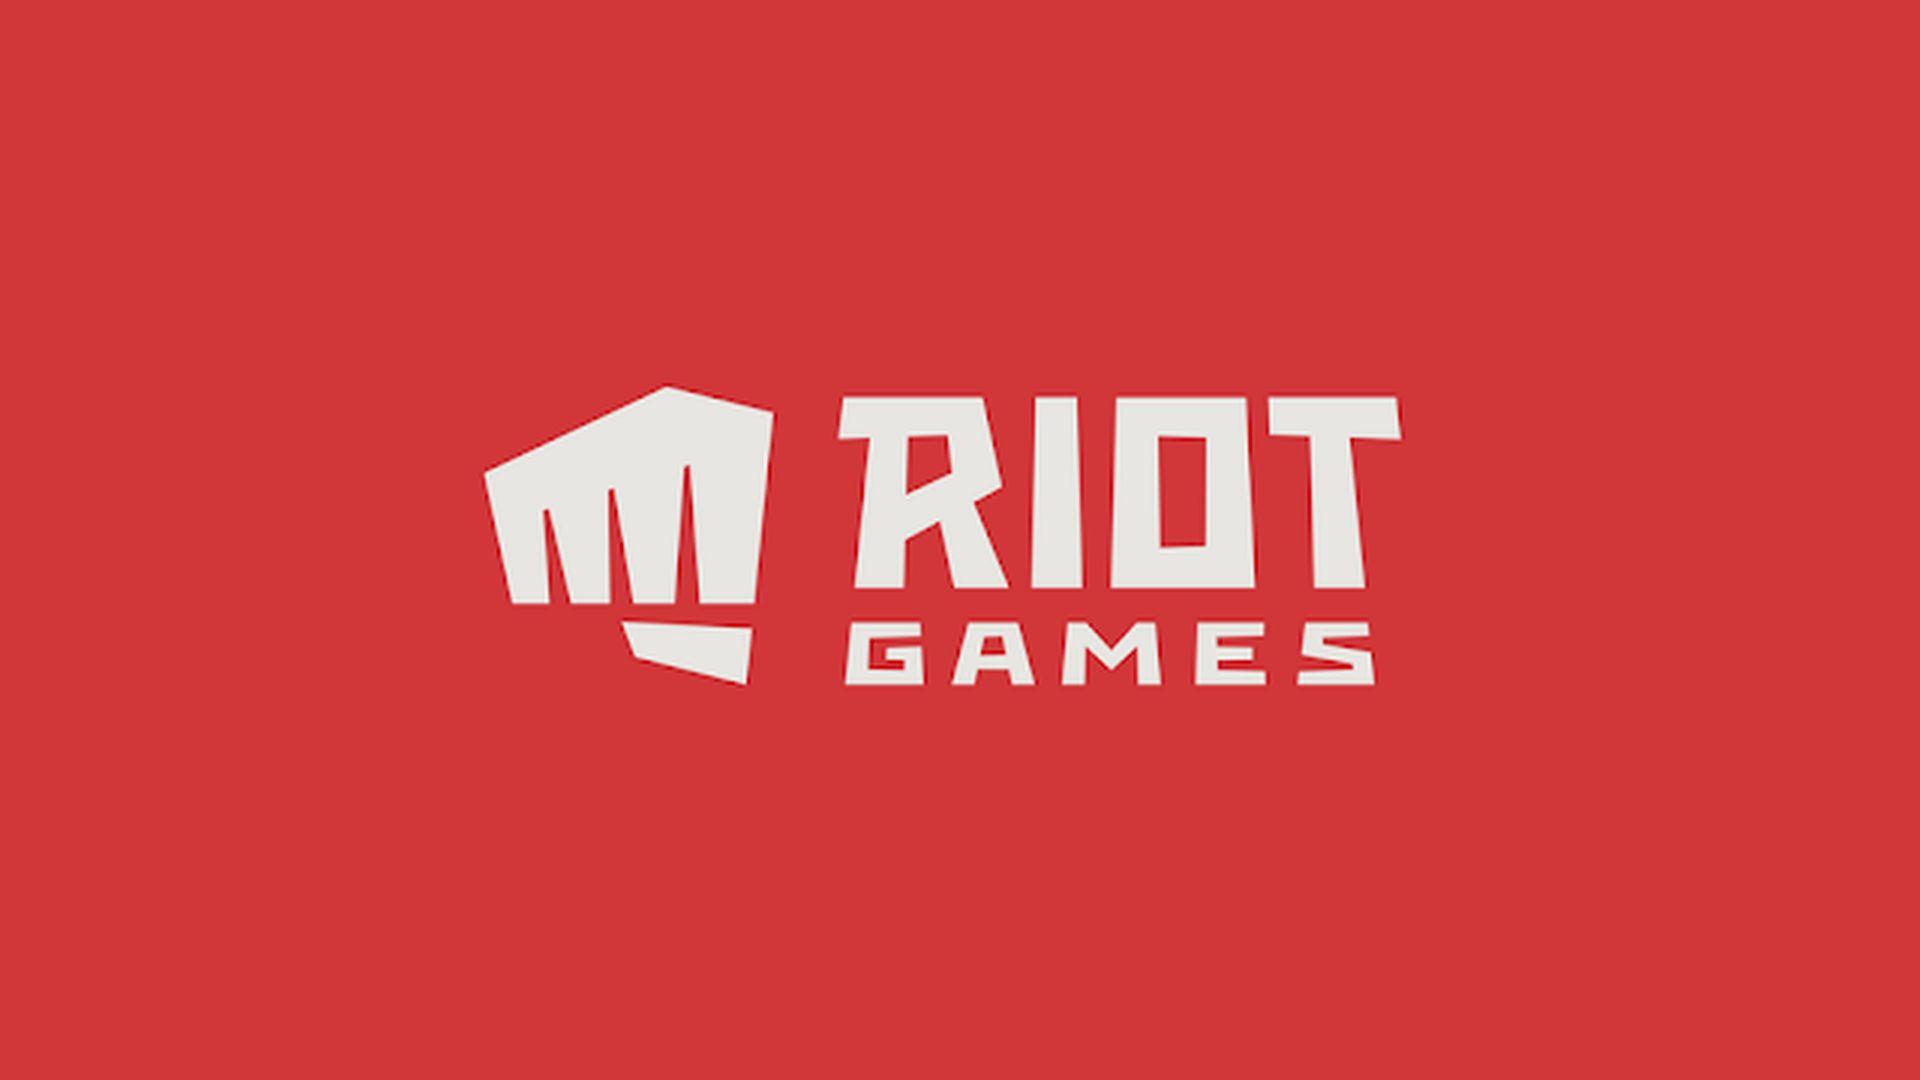 O acordo proposto de US$ 10 milhões, está pendente na aprovação tribunal. Um porta-voz da Riot Games se pronunciou sobre o assunto.